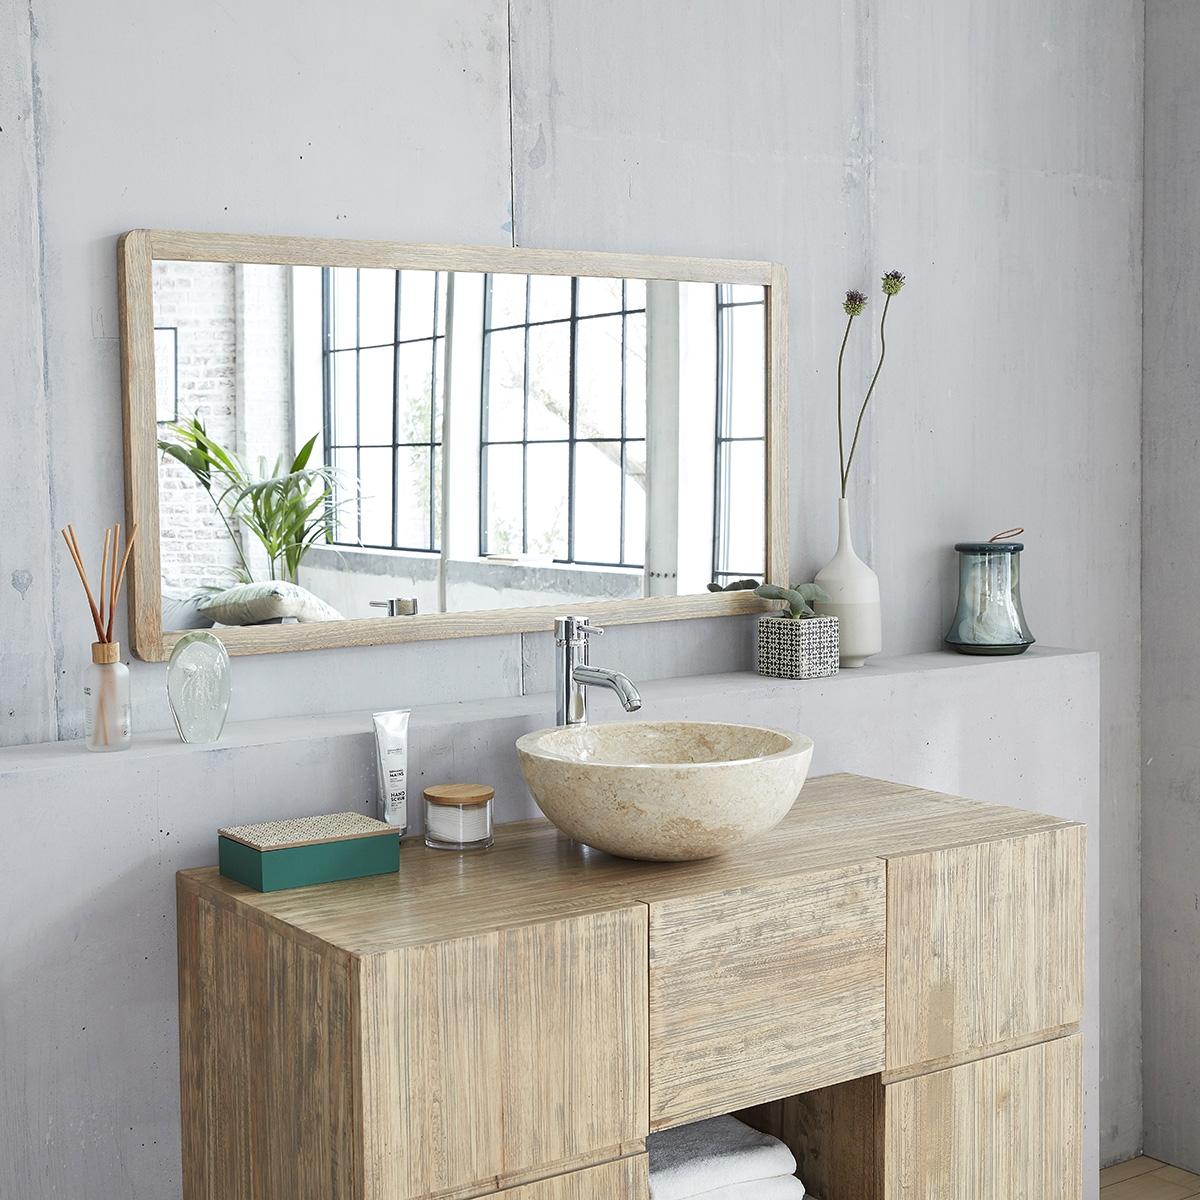 Miroir de salle de bain en bois de teck - Bois Dessus Bois Dessous